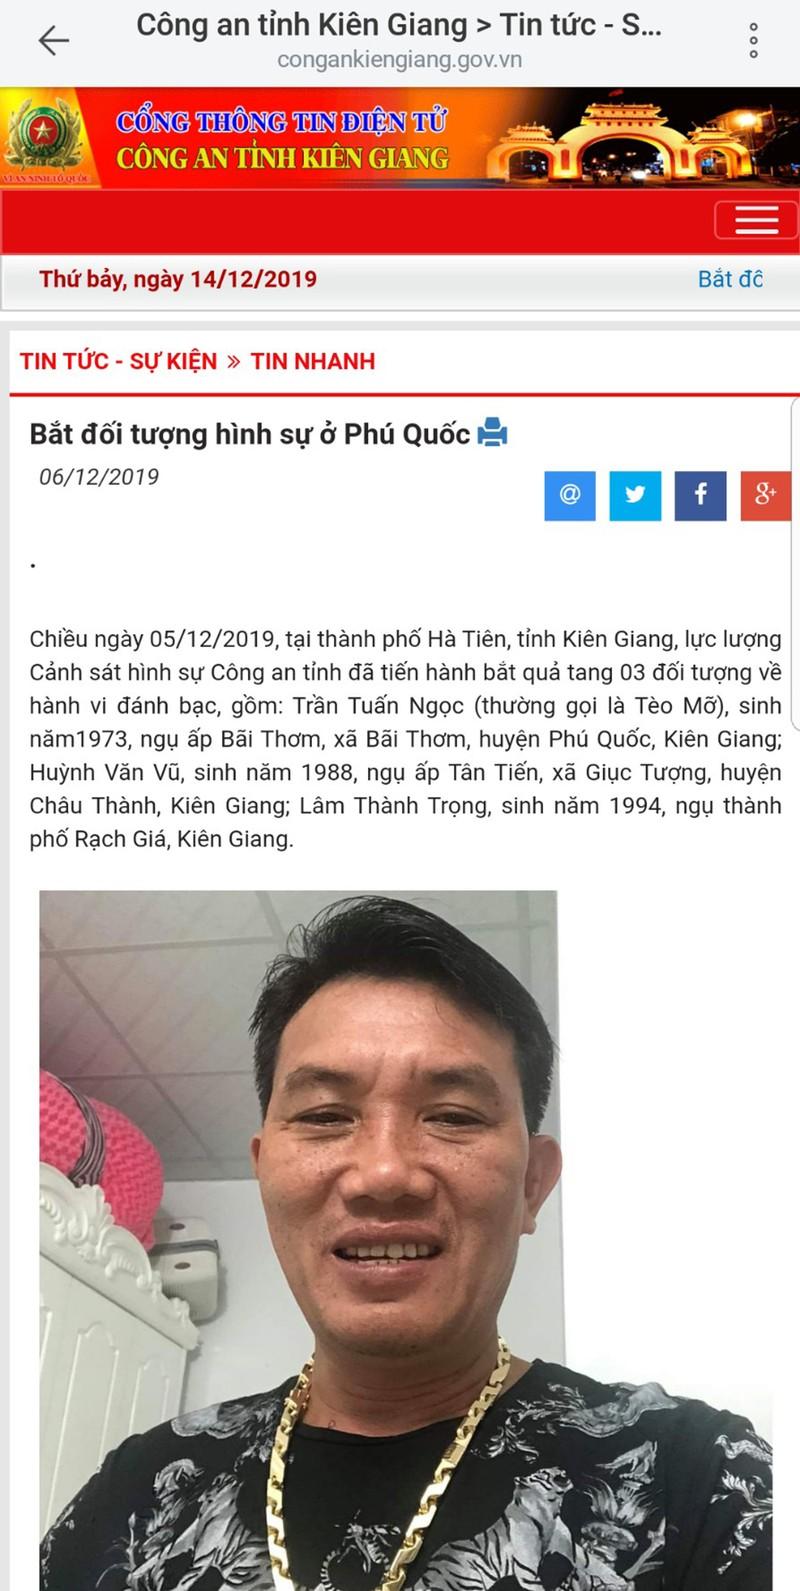 Giang ho Teo Mo o Ha Tien tung di chua benh tam than